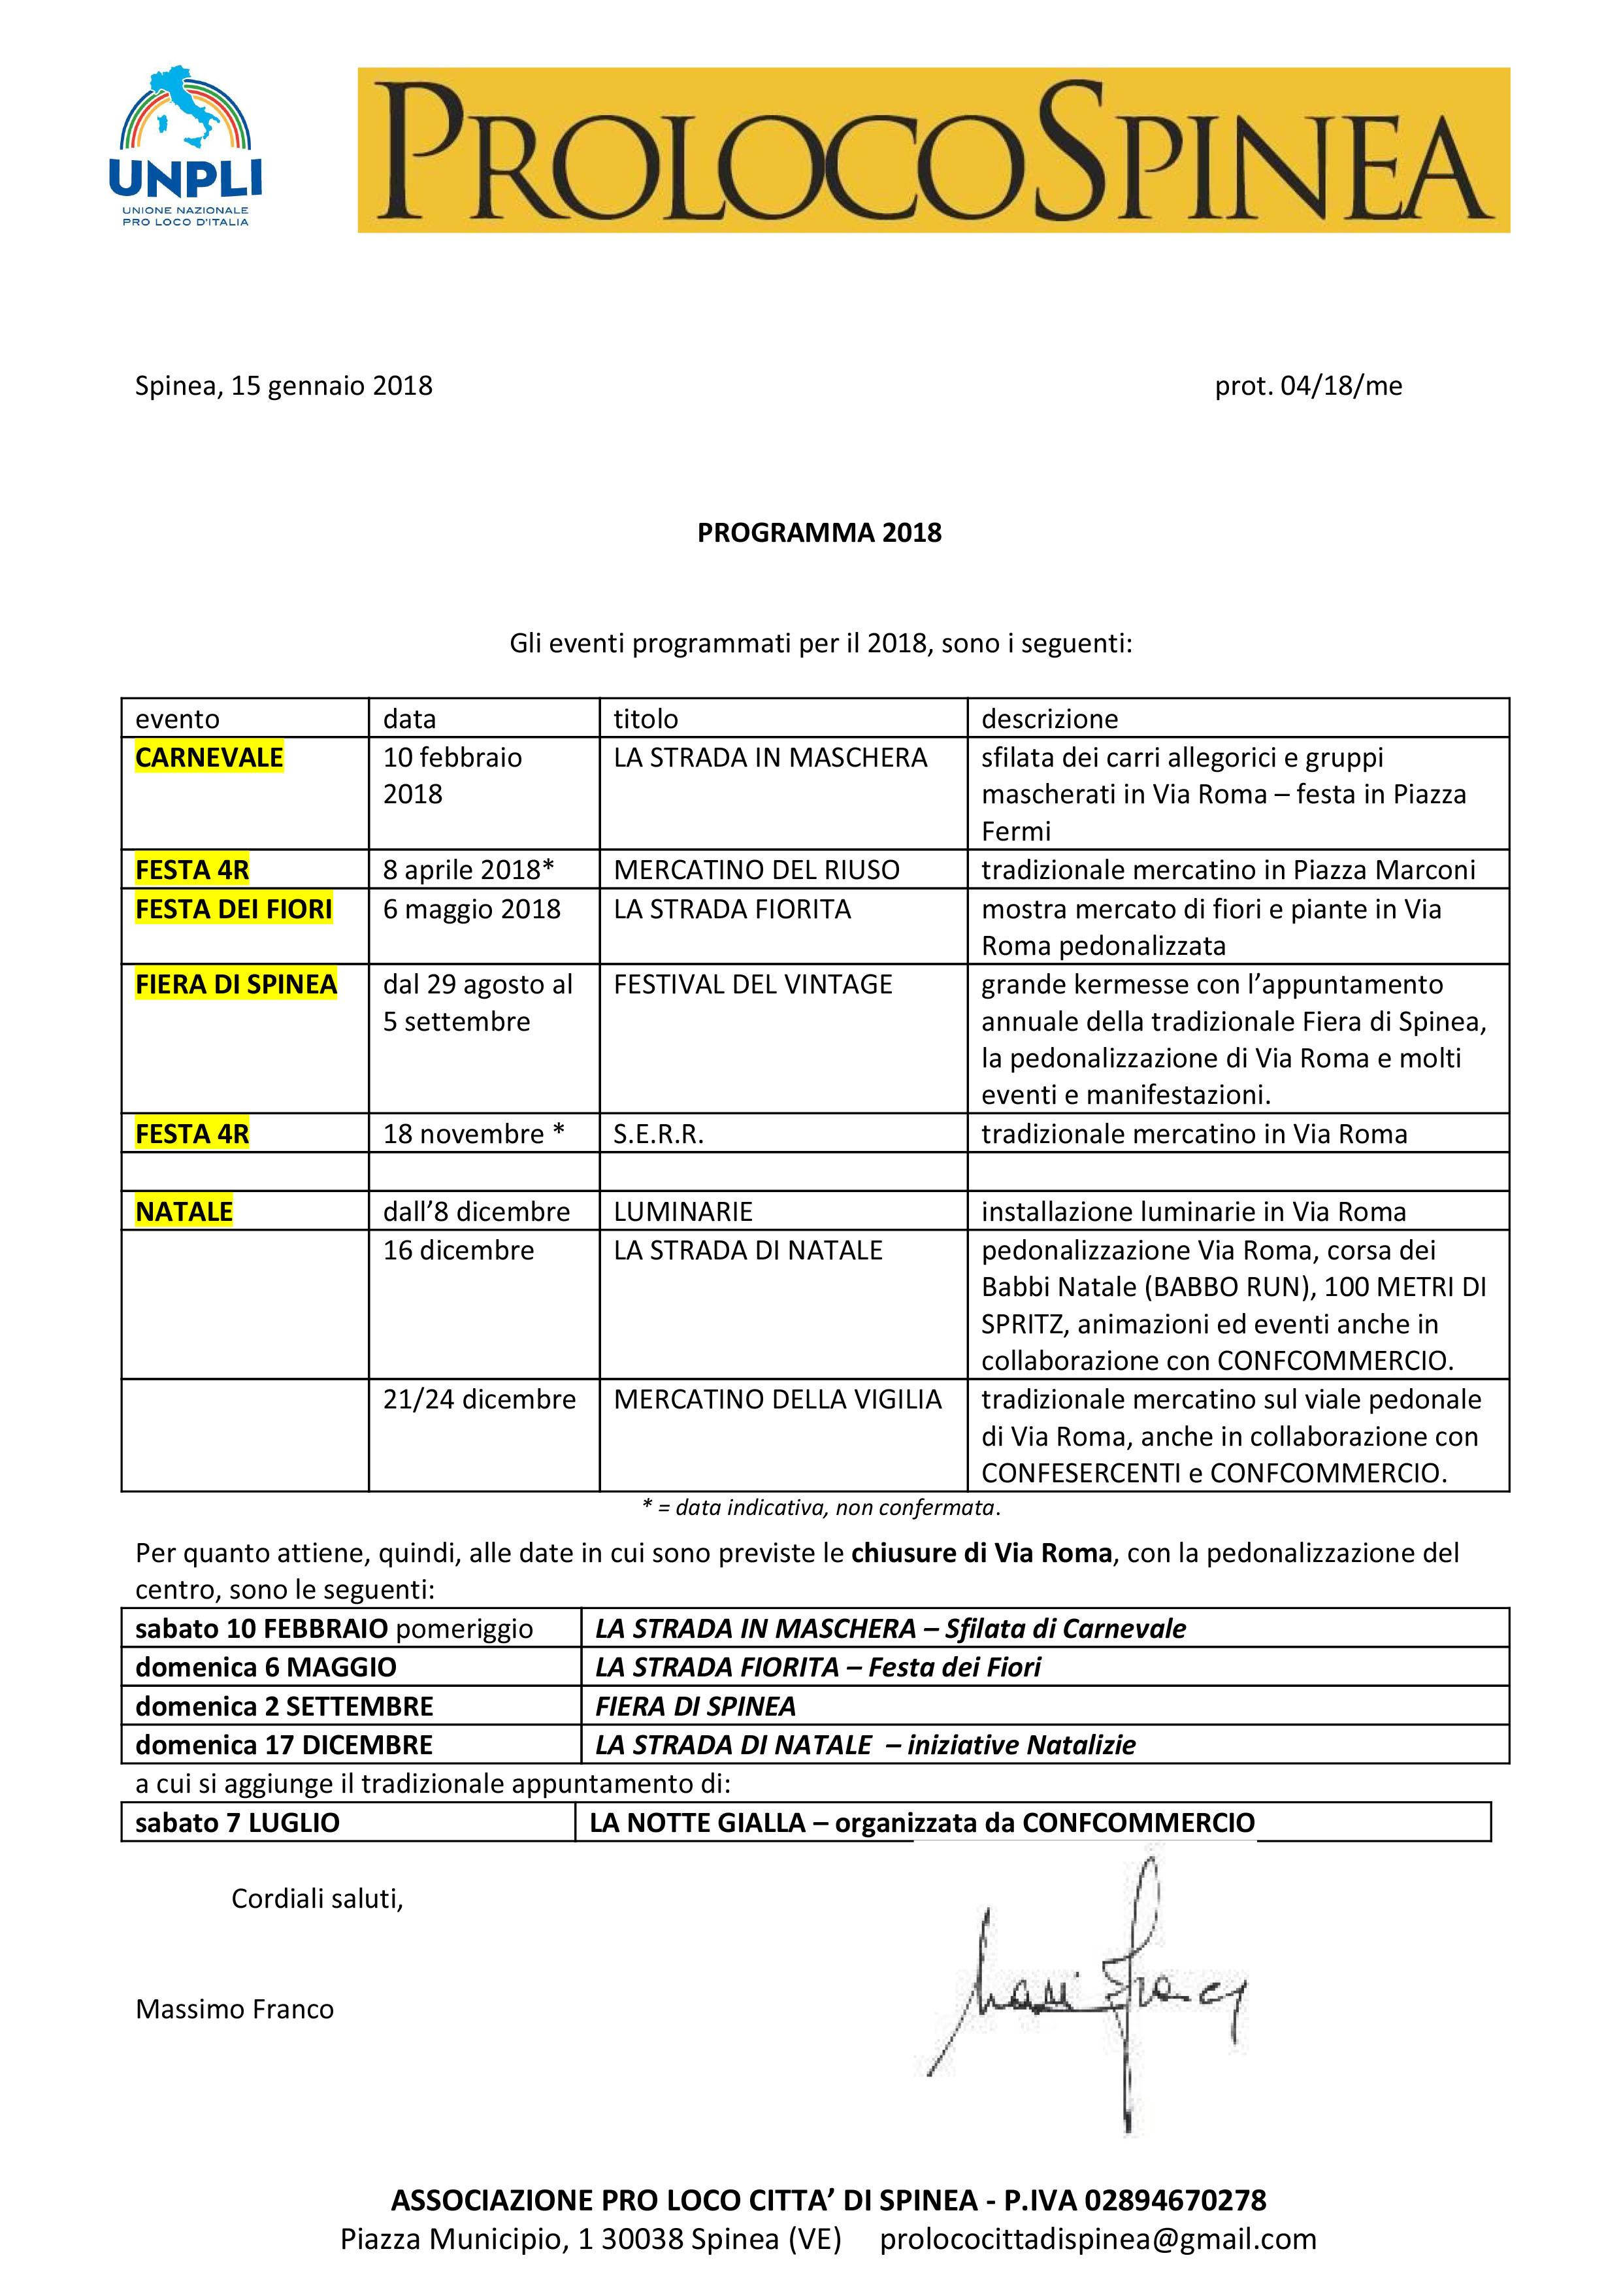 Calendario Mercatini Veneto.Calendario Eventi 2018 Pro Loco Spinea